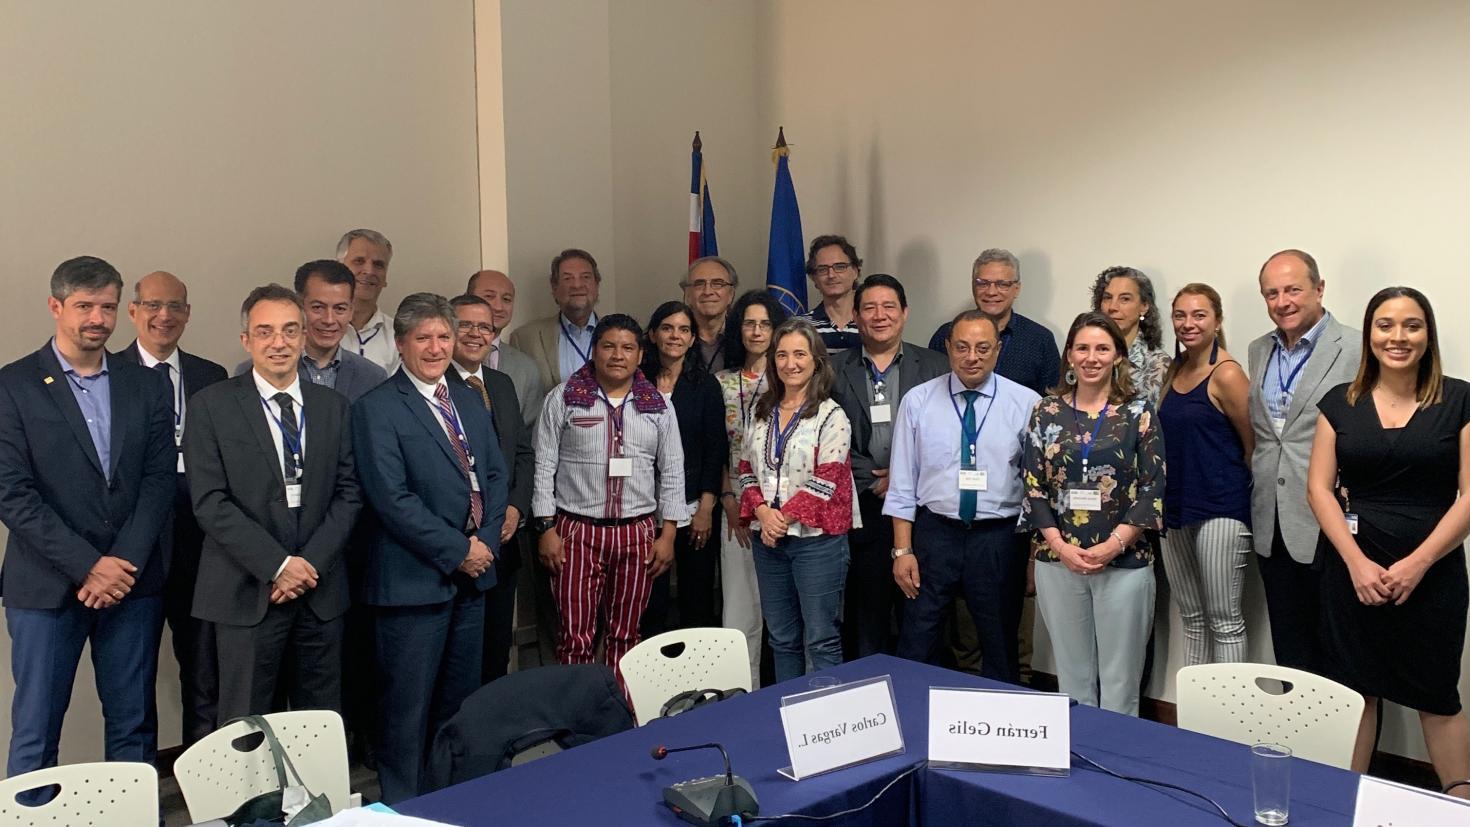 IICA busca fortalecer financiamiento y seguros agrícolas en América Latina